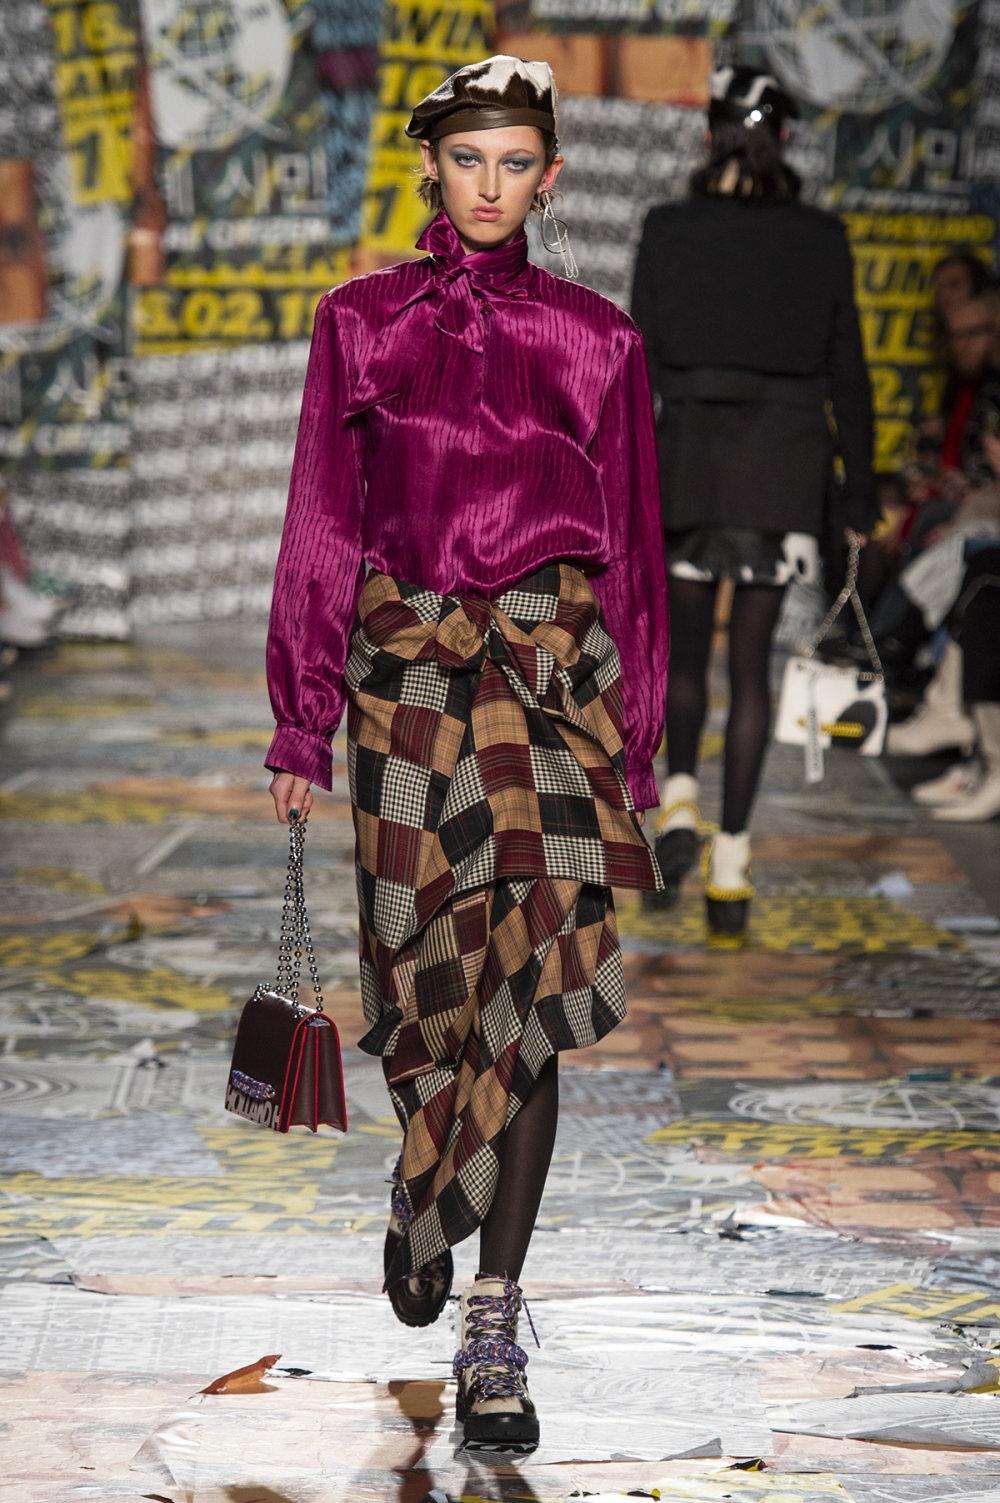 House of Holland时装系列渐变色粉色蕾丝中腰采用女性化設計-18.jpg